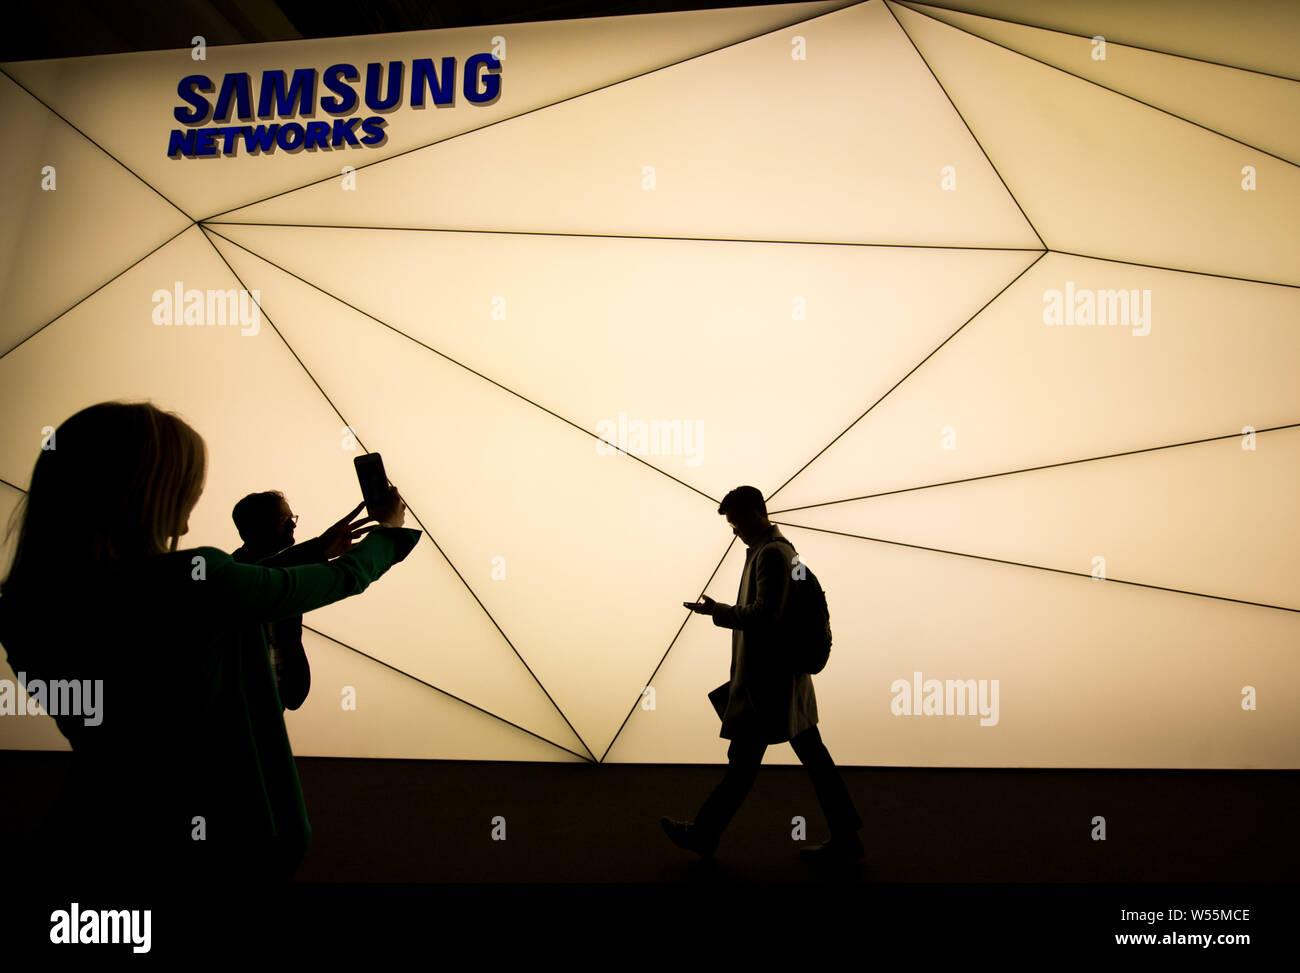 Les visiteurs passent devant le stand de Samsung Networks au cours du Mobile World Congress 2019 (MWC19) à Barcelone, Espagne, 25 février 2019. Banque D'Images